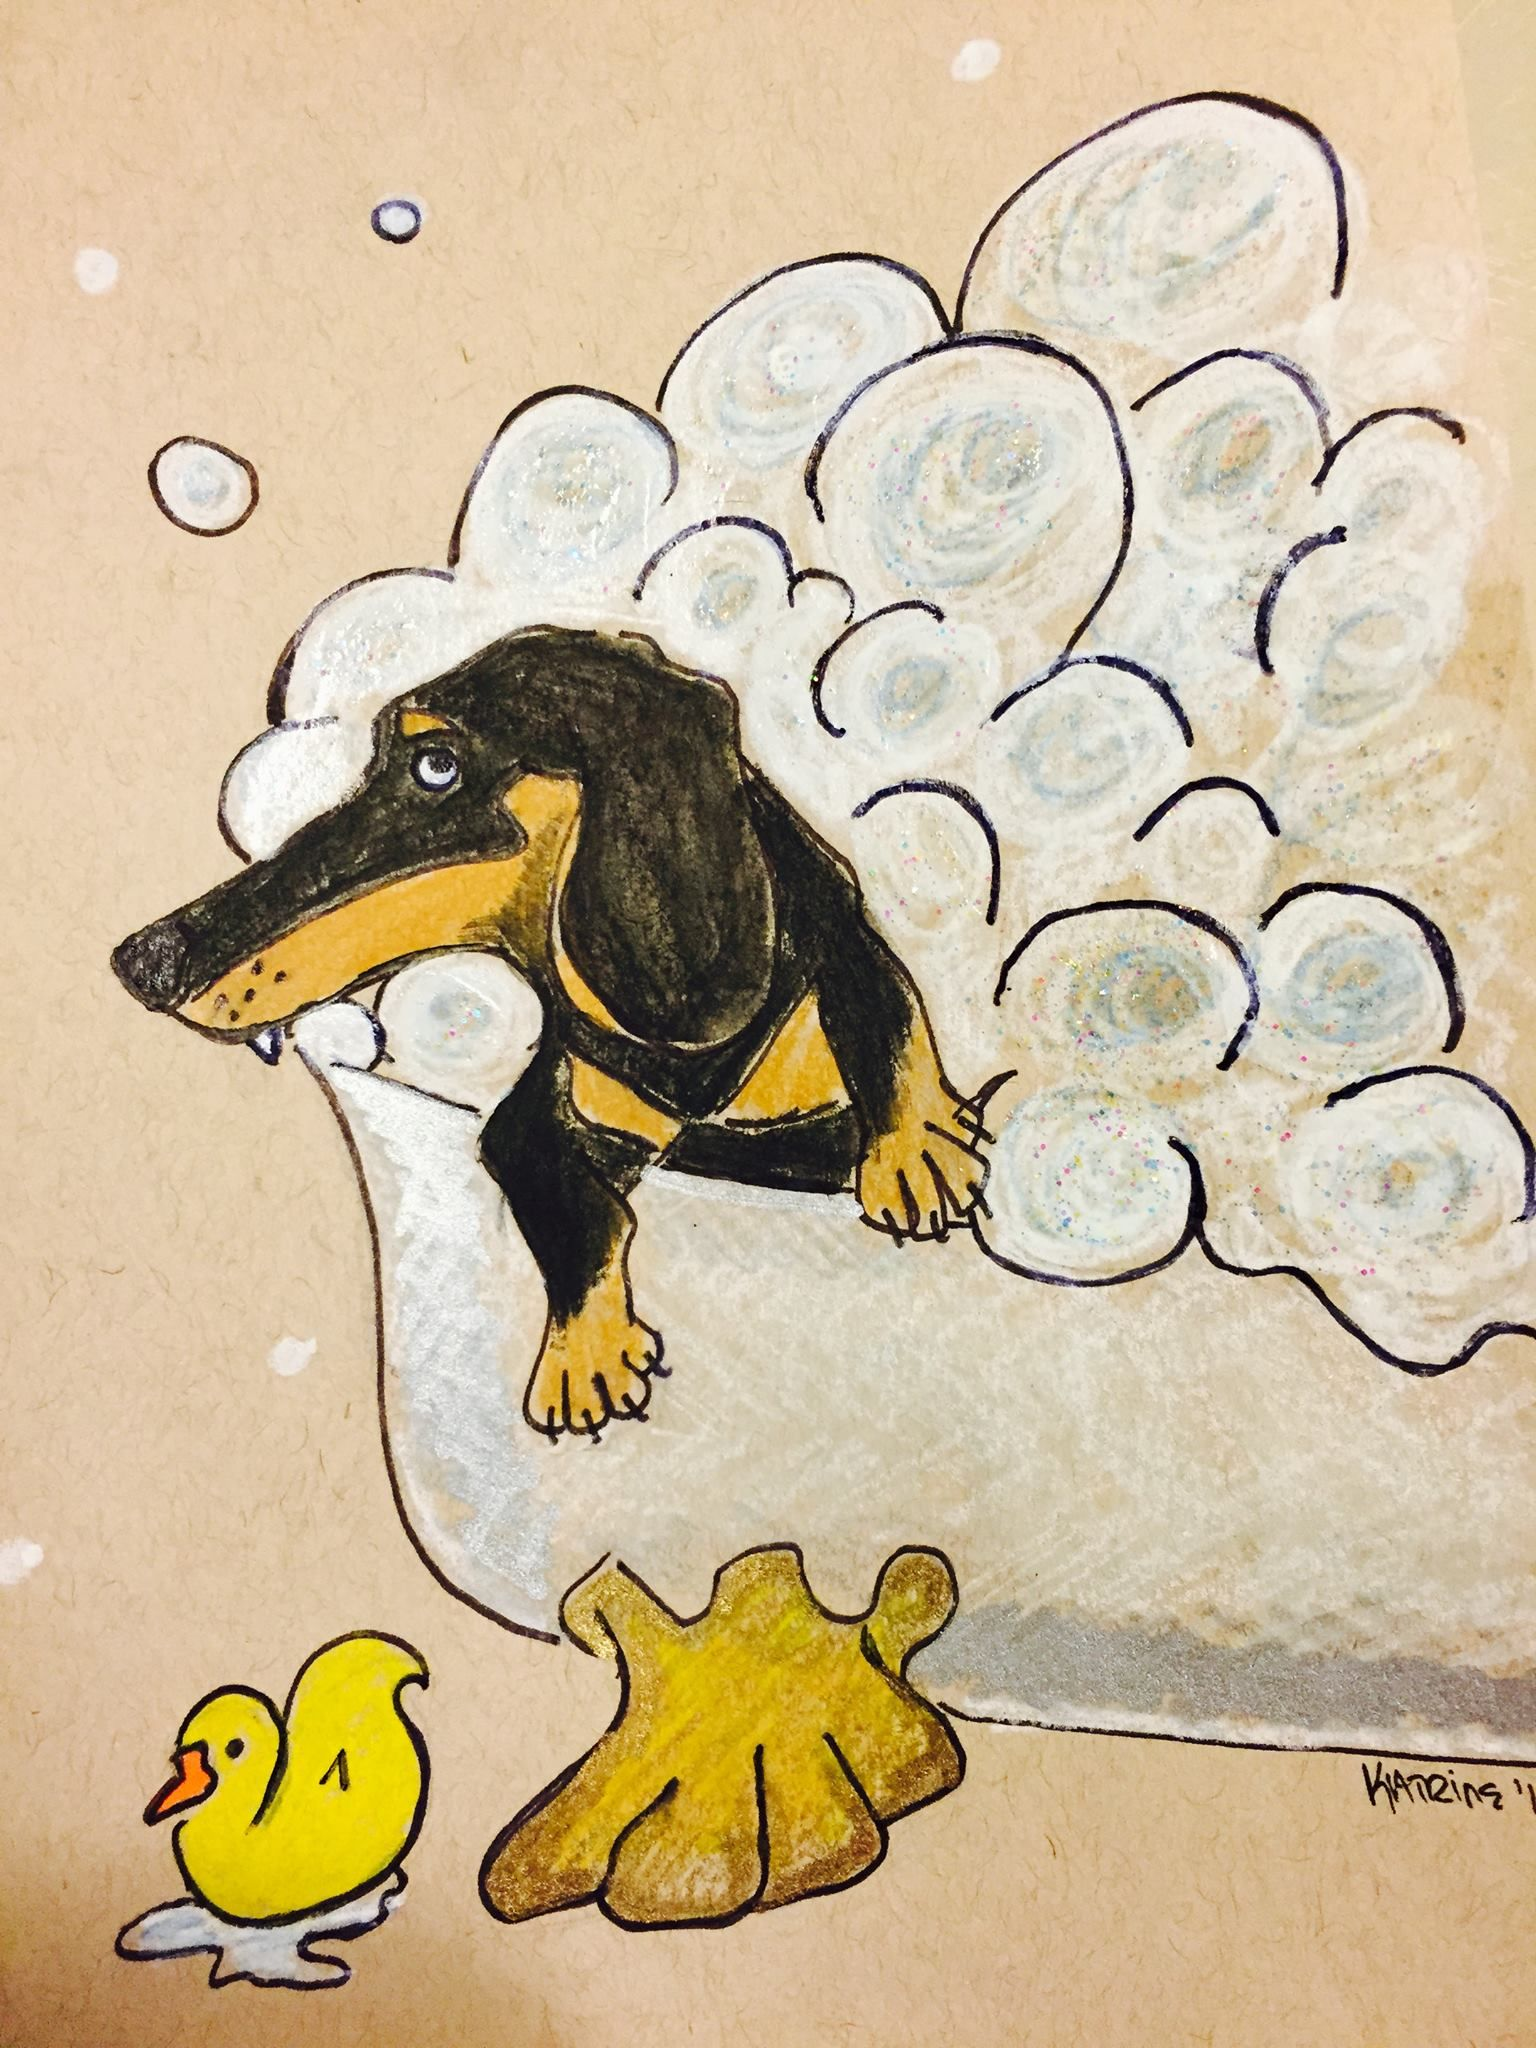 Dachshund Wiener Dog In Bathtub Bathroom Art Drawing Illustration